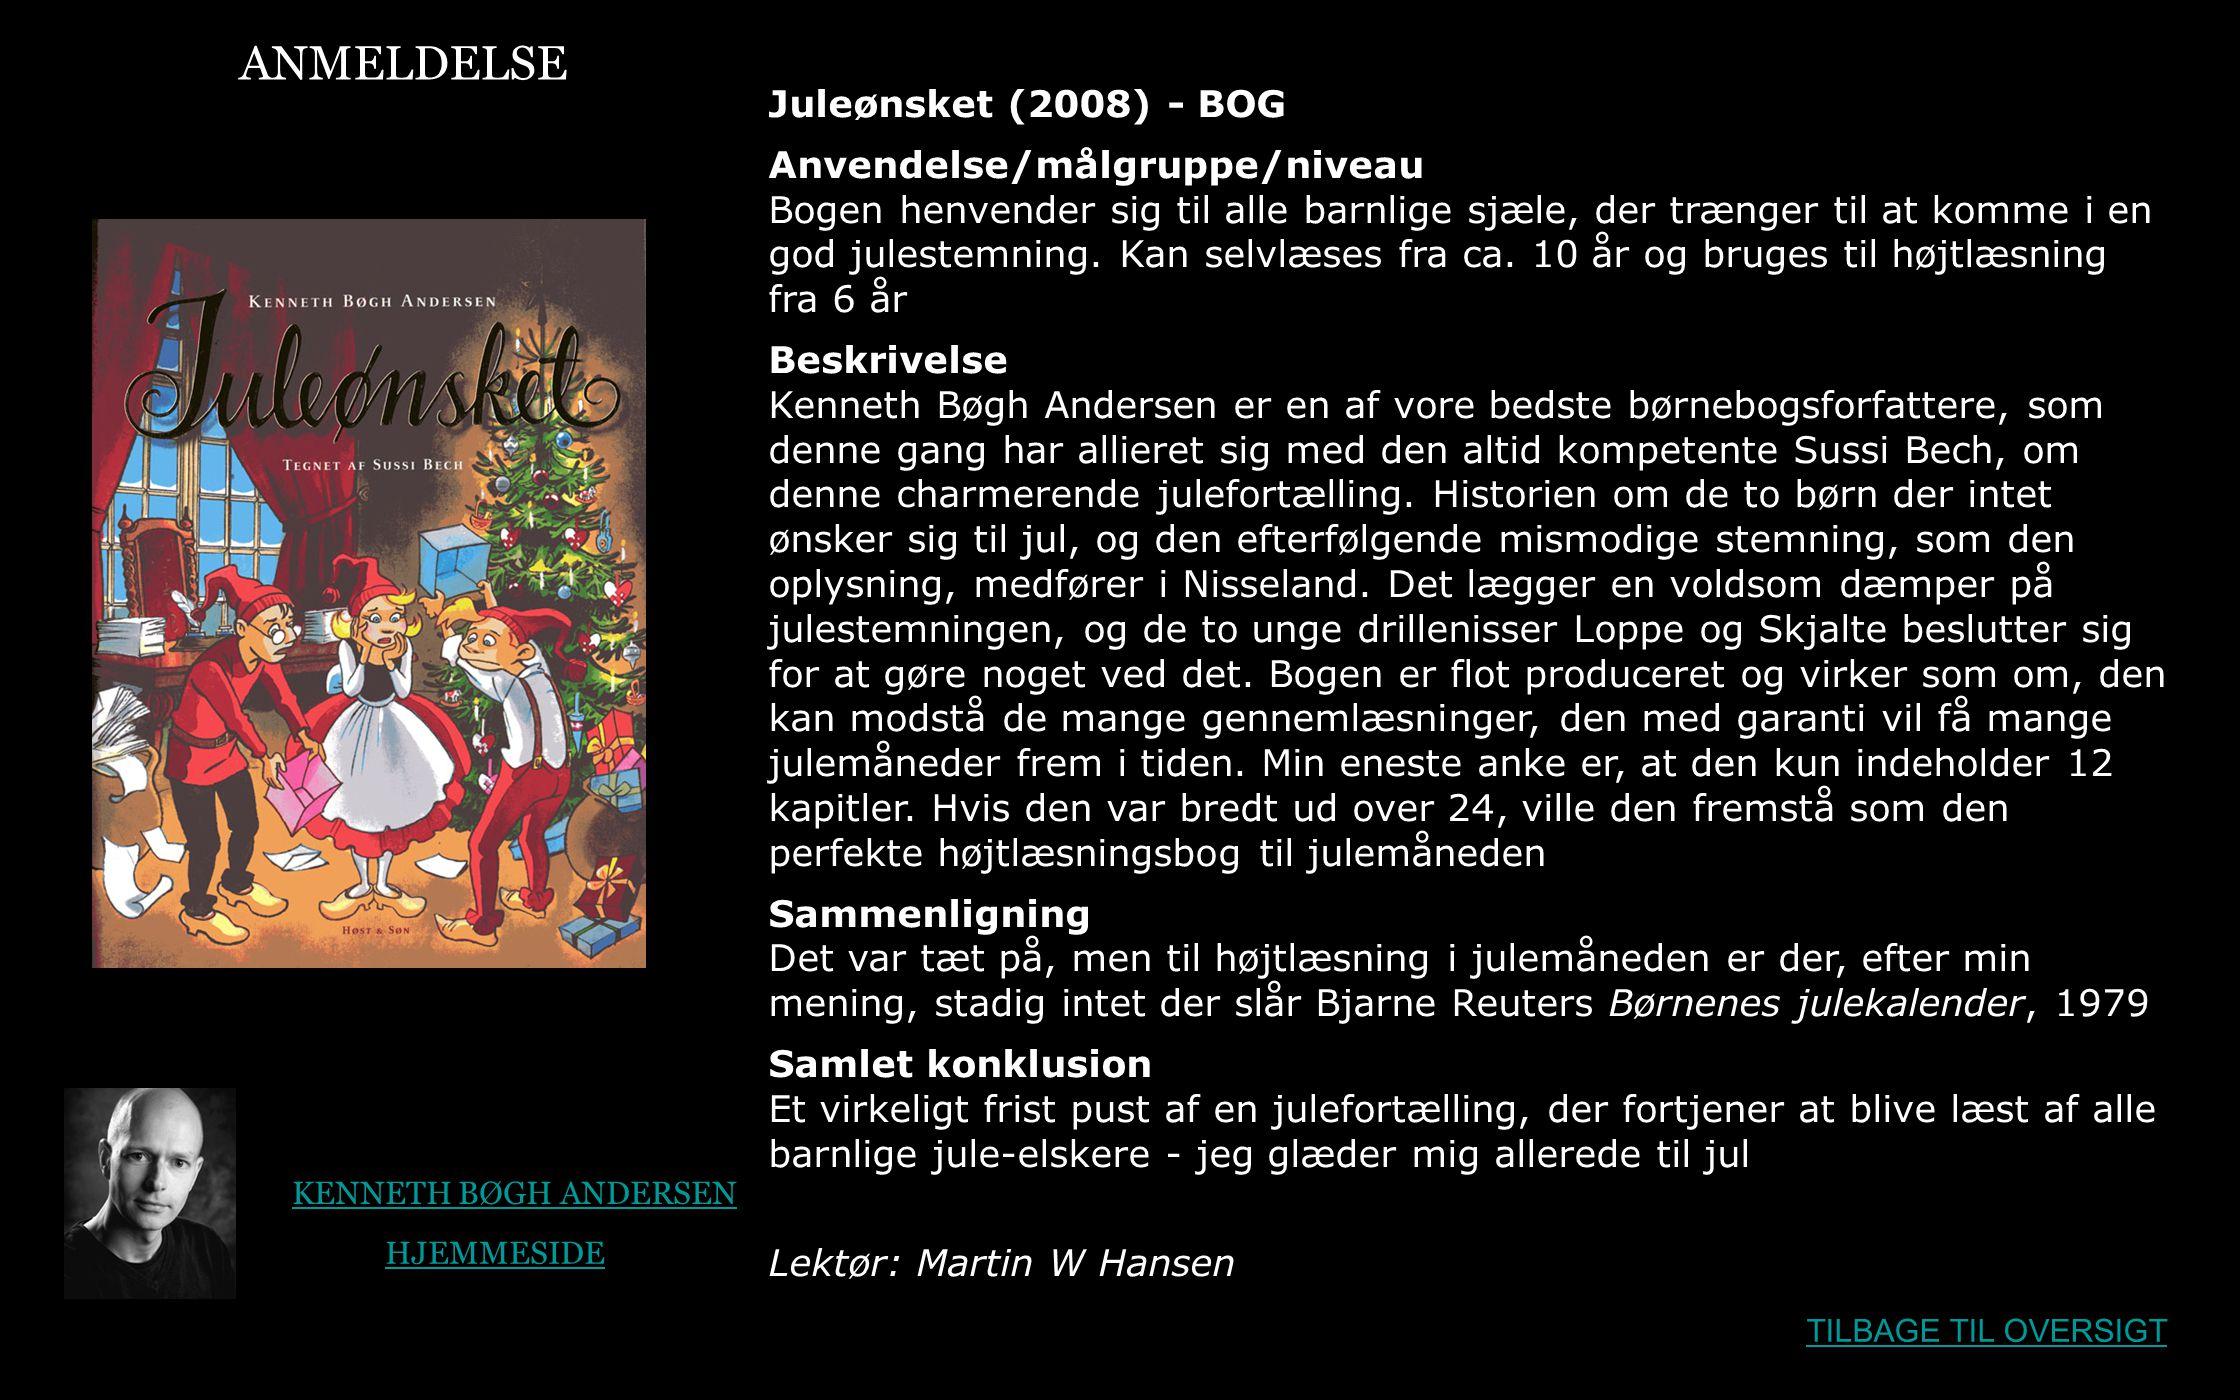 ANMELDELSE Juleønsket (2008) - BOG